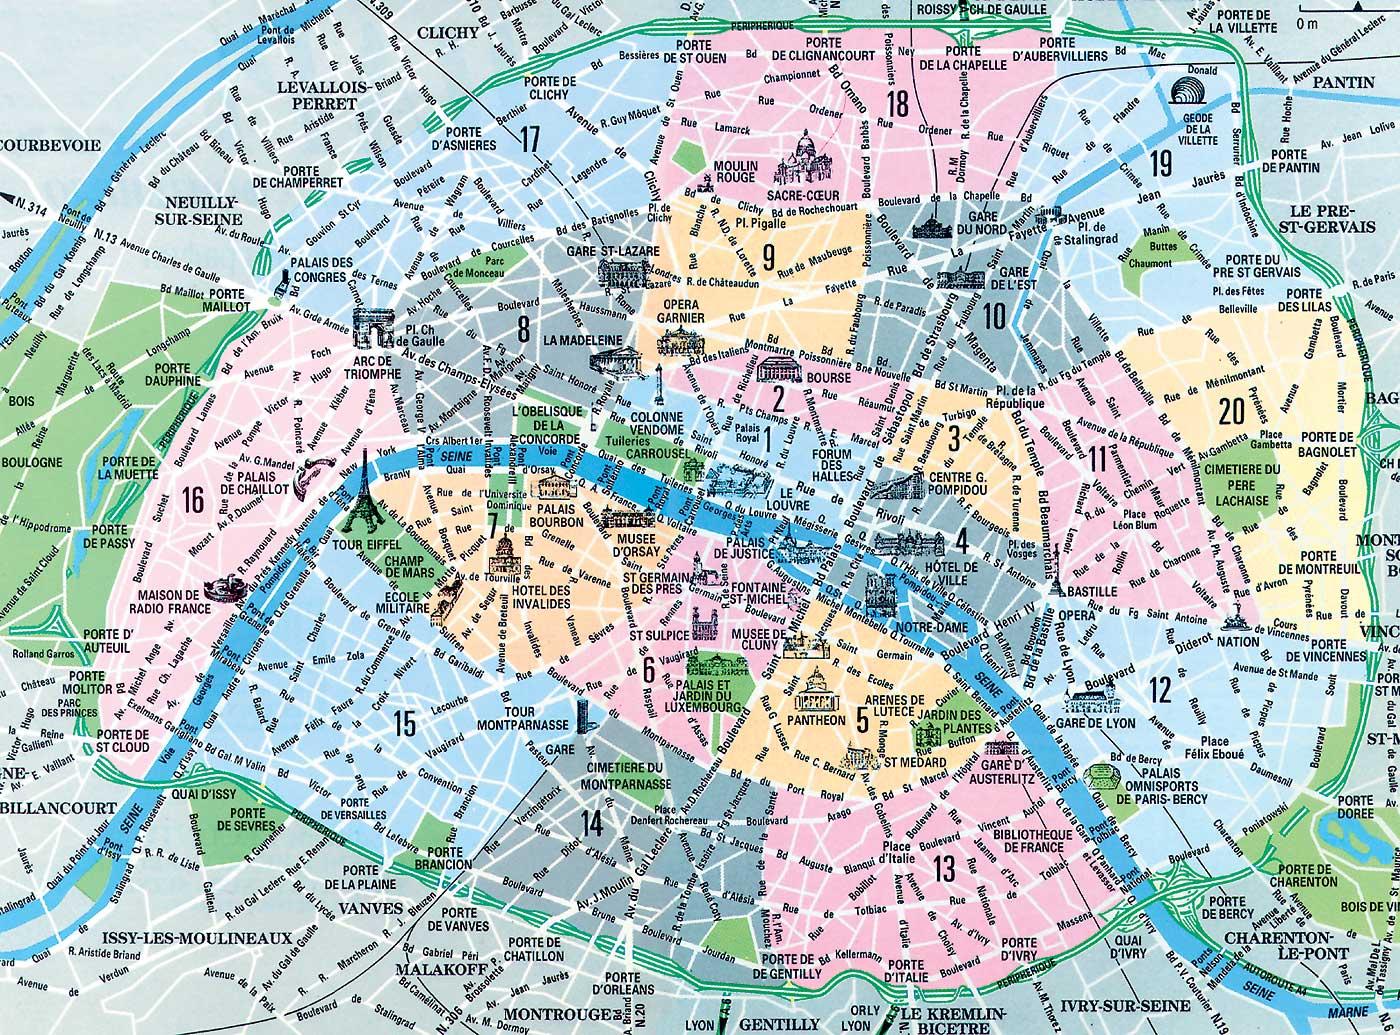 Cartina Centro Di Parigi.Mappe E Percorsi Dettagliati Di Parigi